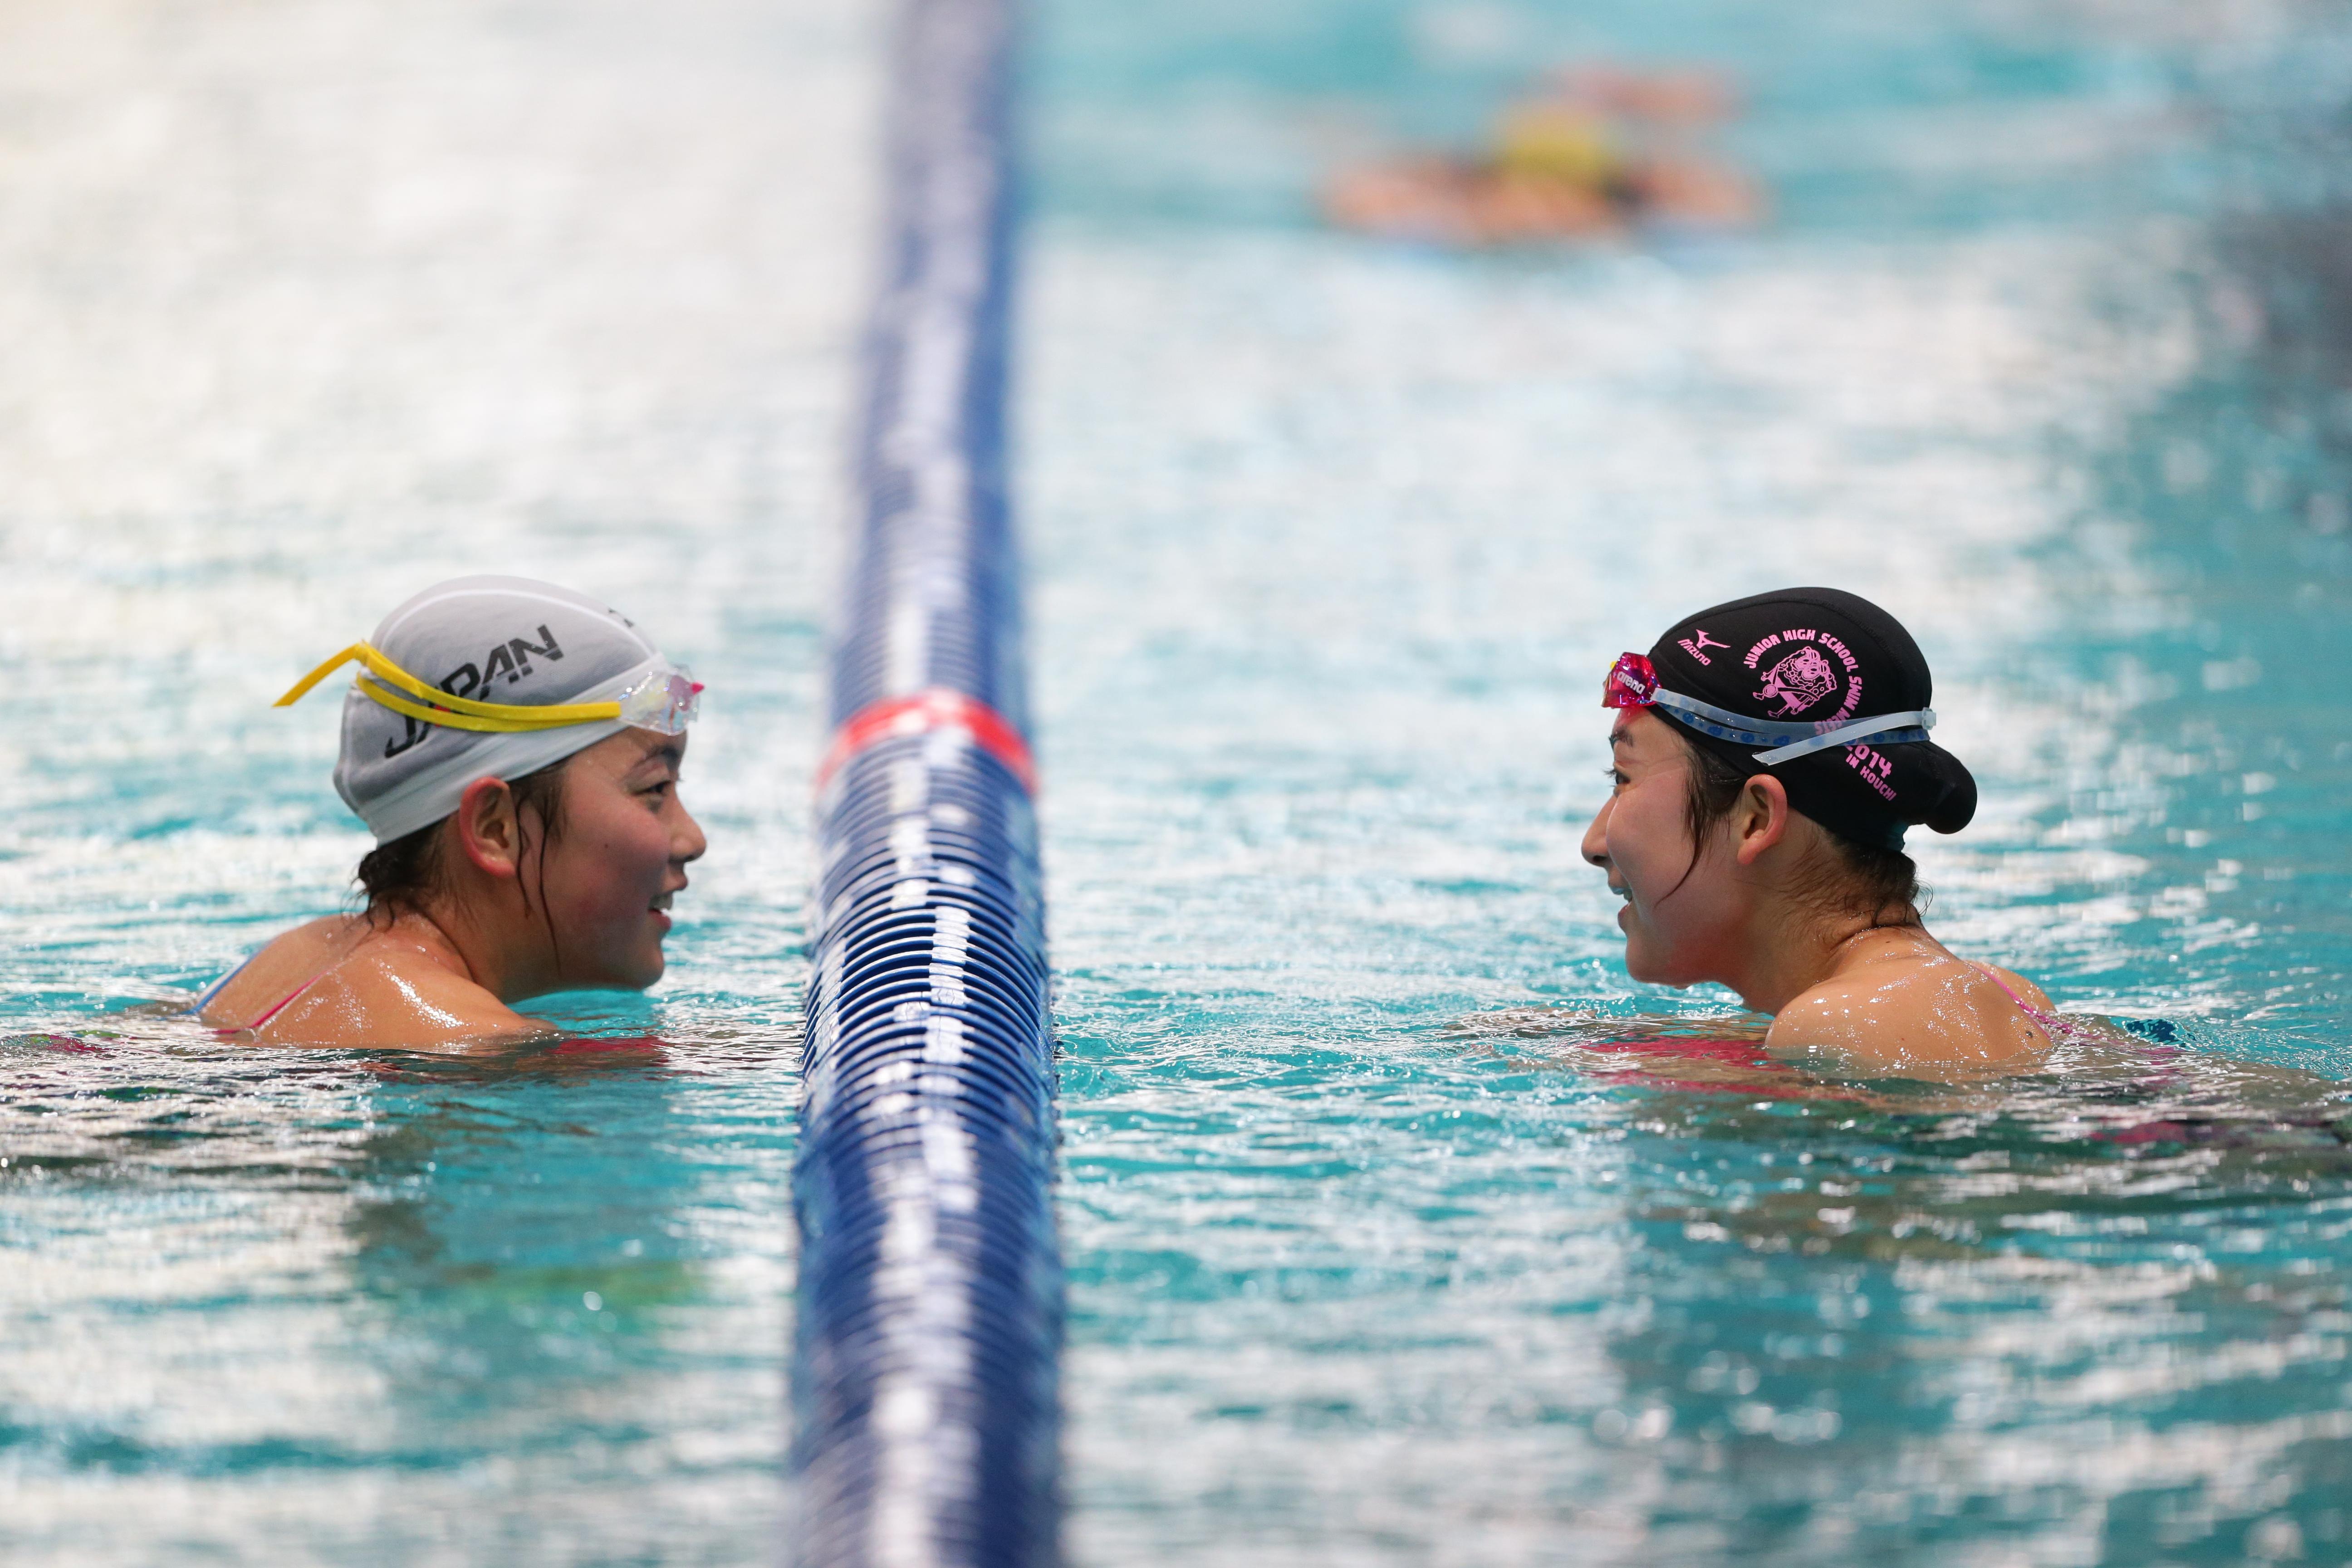 水ではライバル、陸では親友!初めての世界水泳に挑むふたりの笑顔